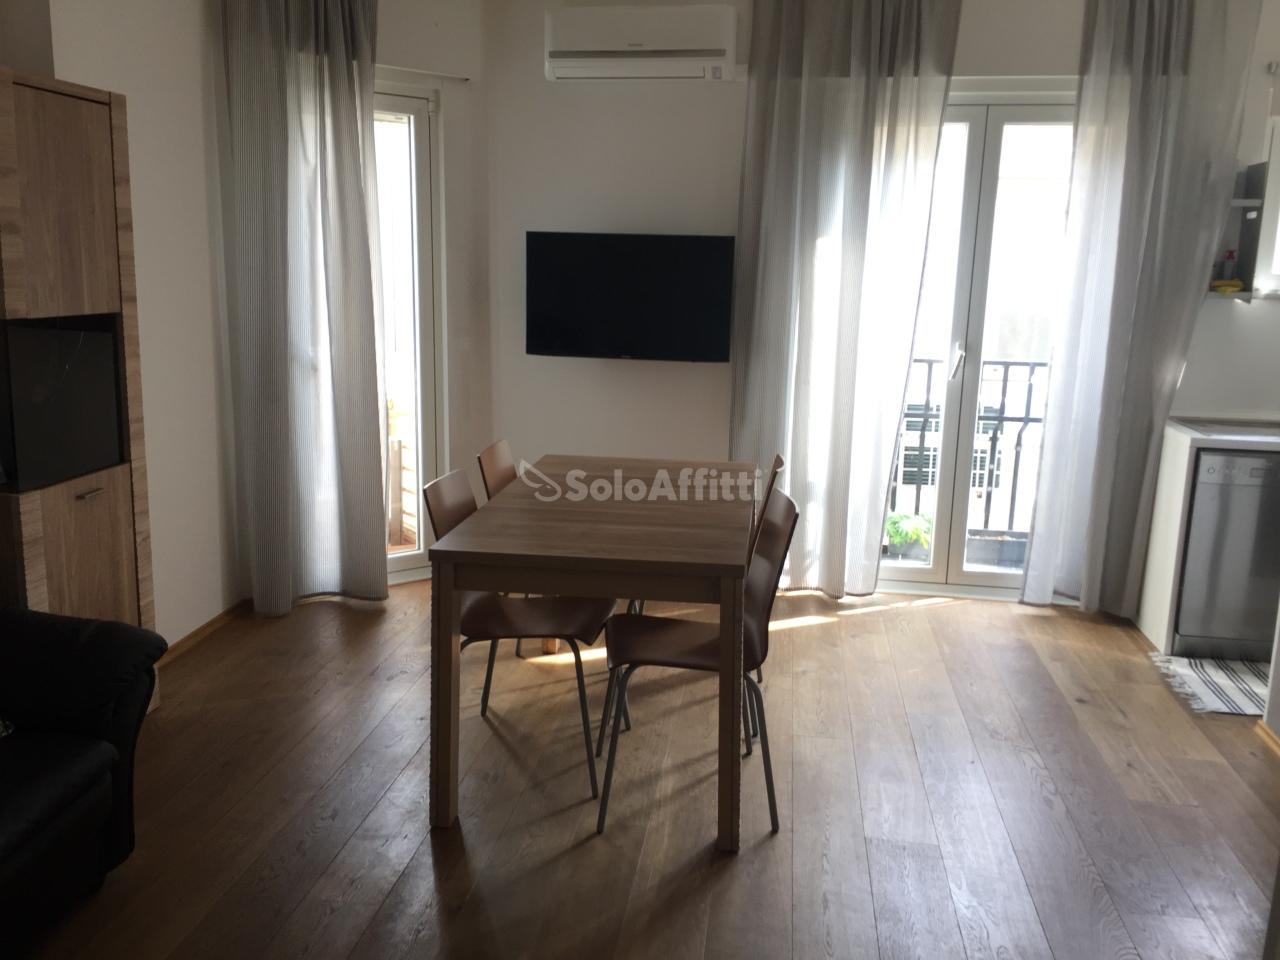 Appartamenti e Attici TRIESTE affitto  San Vito  2C sas di Mantovani Cristina & C